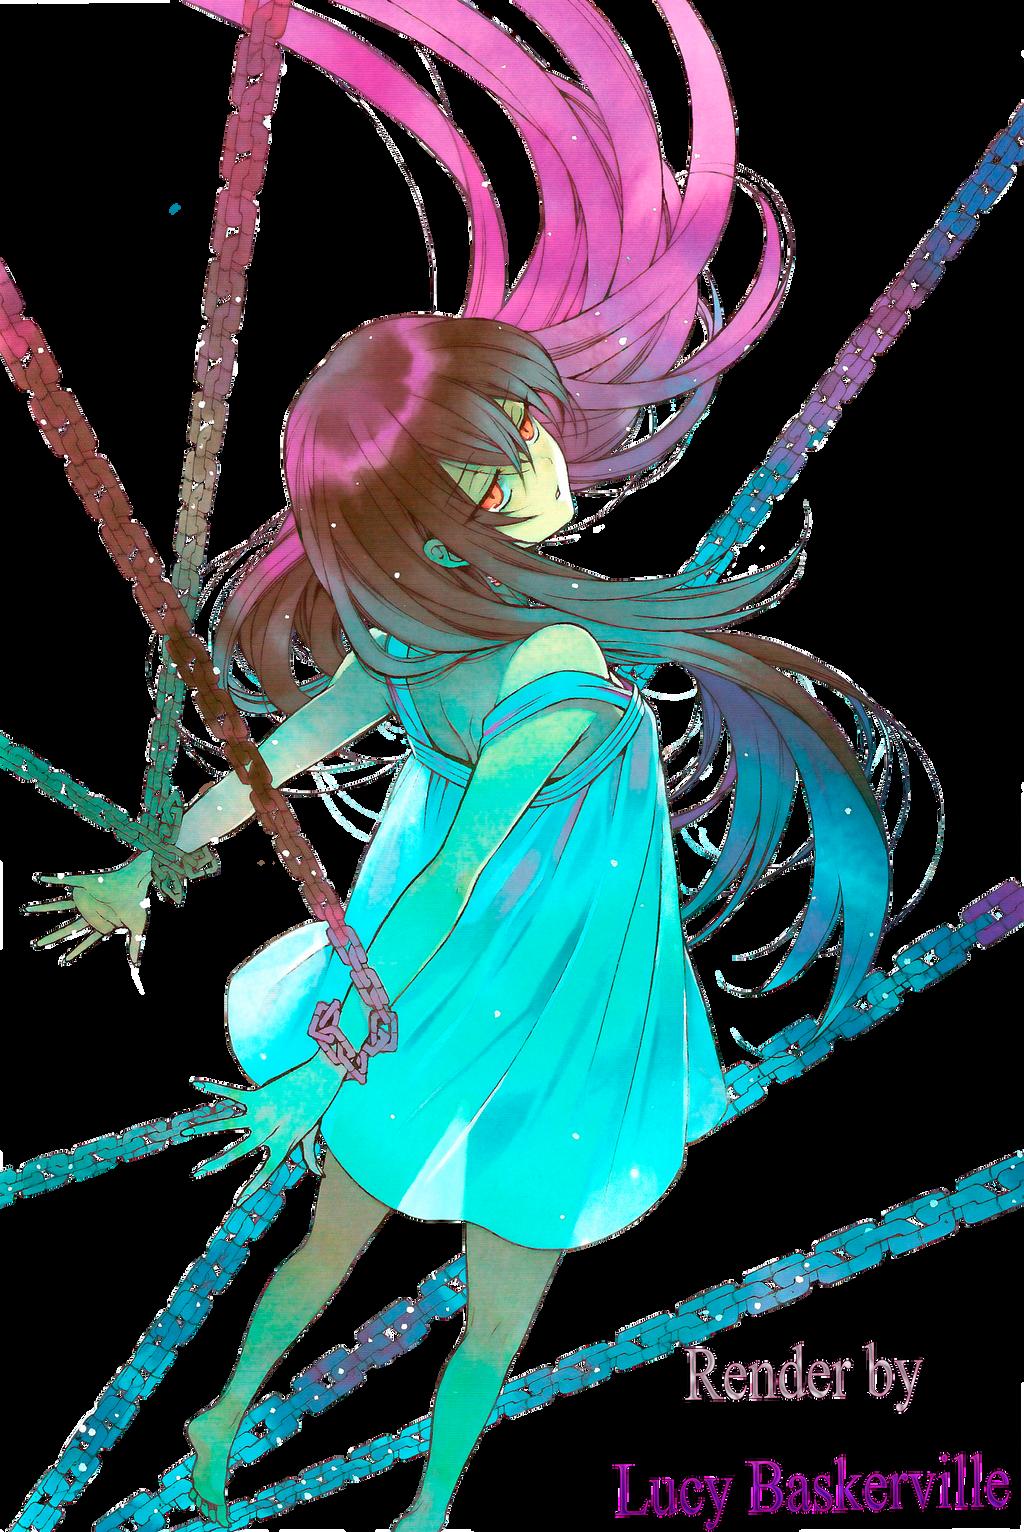 Nutella Lacie_volumen_17_render_by_lucy051-d9g4u6q